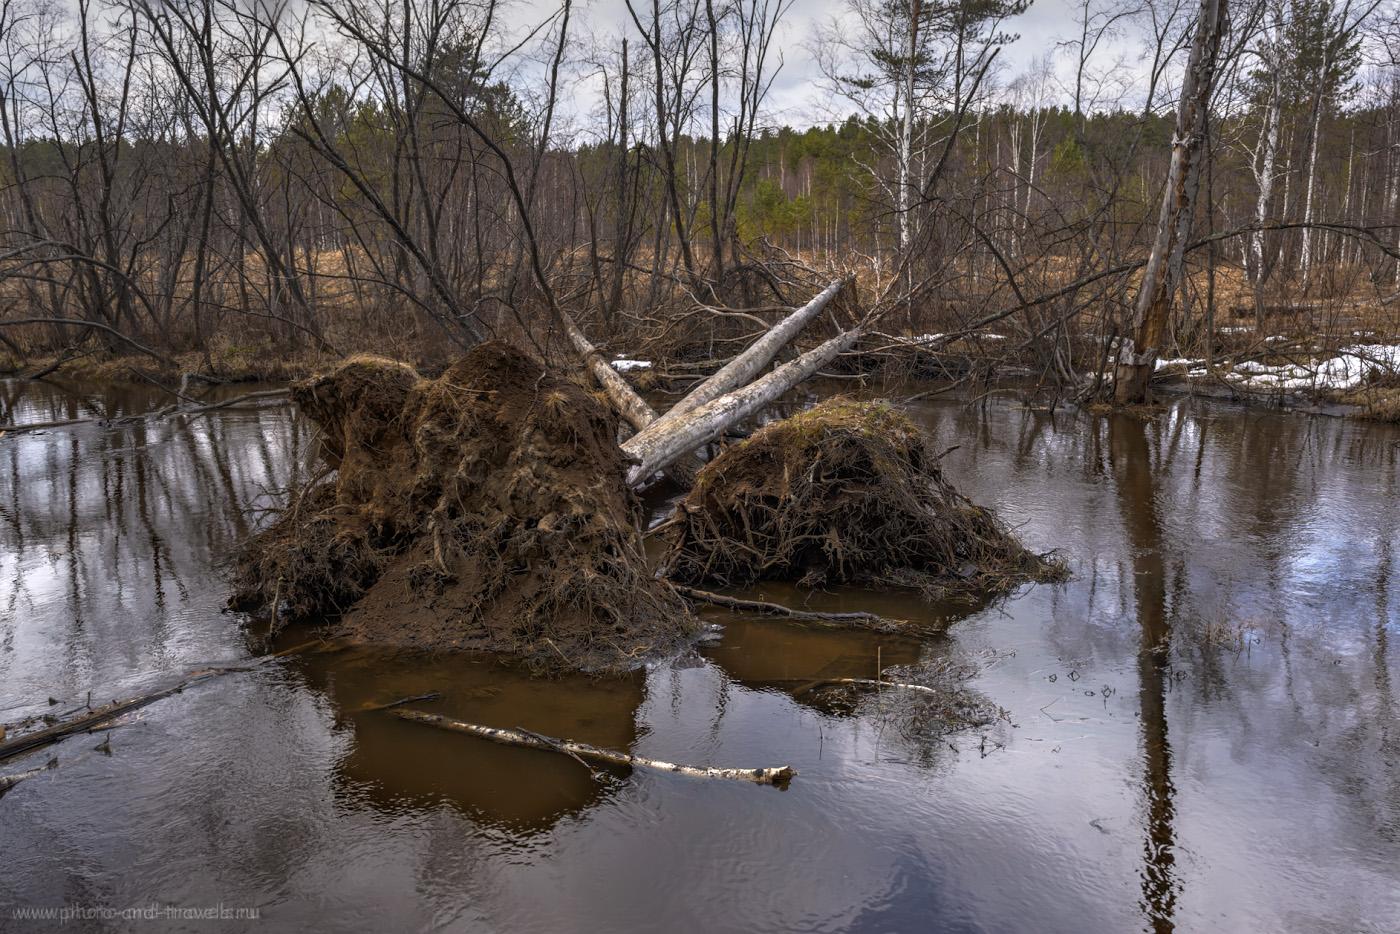 Фото 31. Упавшие деревья в речке Черная в парке «Бажовские места». HDR из трех кадров. 1/50, 8.0, 450, 24.